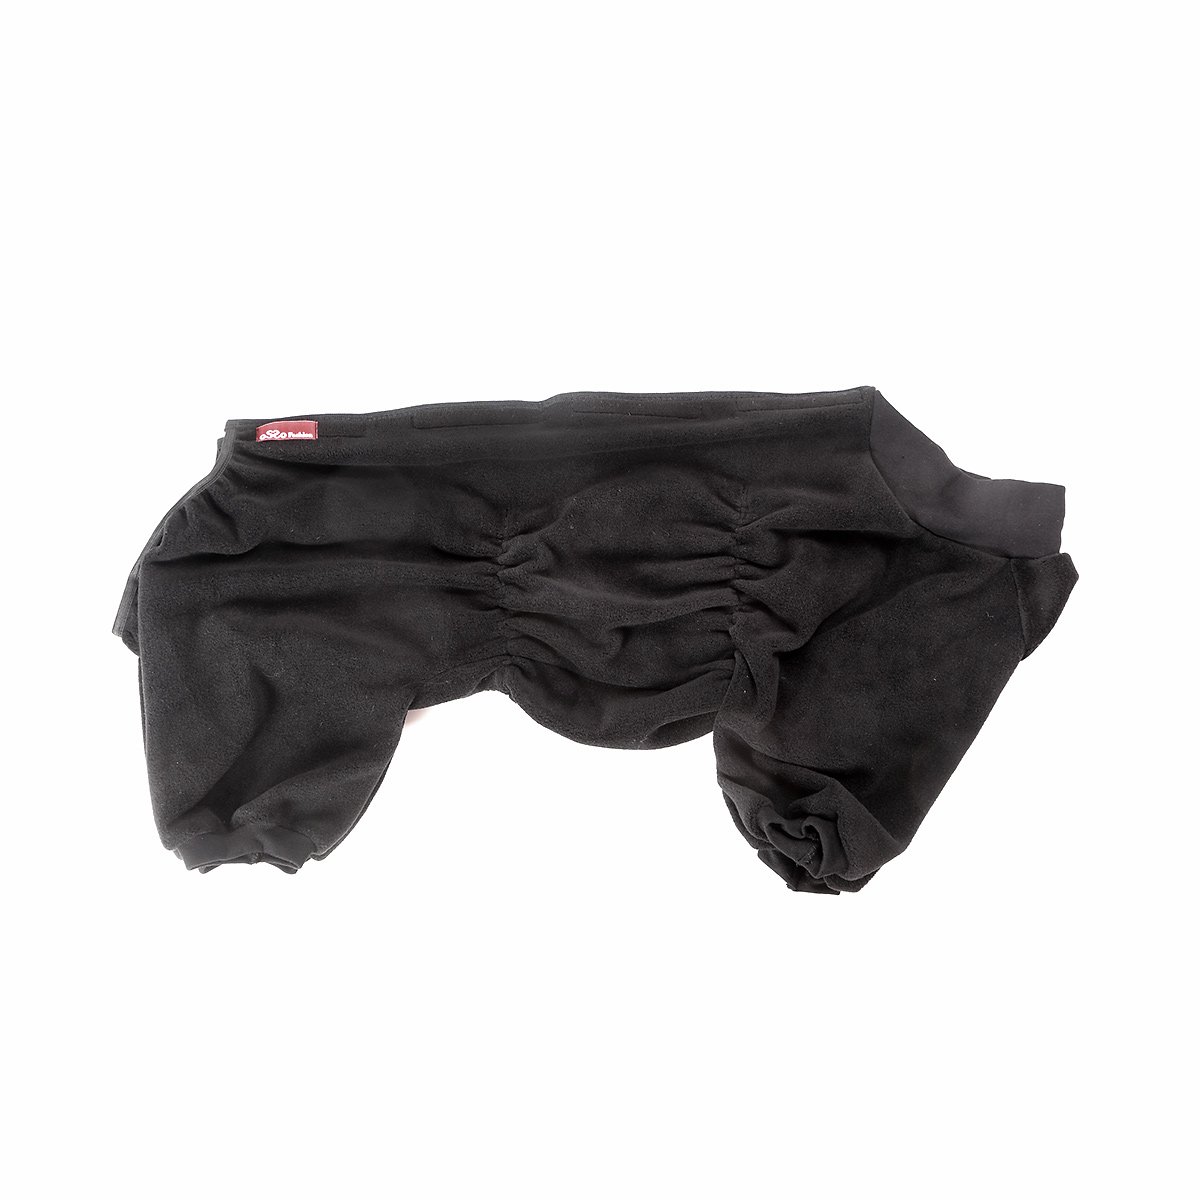 Комбинезон для собак OSSO Fashion, для мальчика, цвет: графит. Размер 50Кк-1007Комбинезон для собак OSSO Fashion выполнен из флиса. Комфортная посадка по корпусу достигается за счет резинок-утяжек под грудью и животом. На воротнике имеются завязки, для дополнительной фиксации. Можно носить самостоятельно и как поддевку под комбинезон для собак. Изделие отлично стирается, быстро сохнет.Длина спинки: 50 см.Объем груди: 58-82 см.